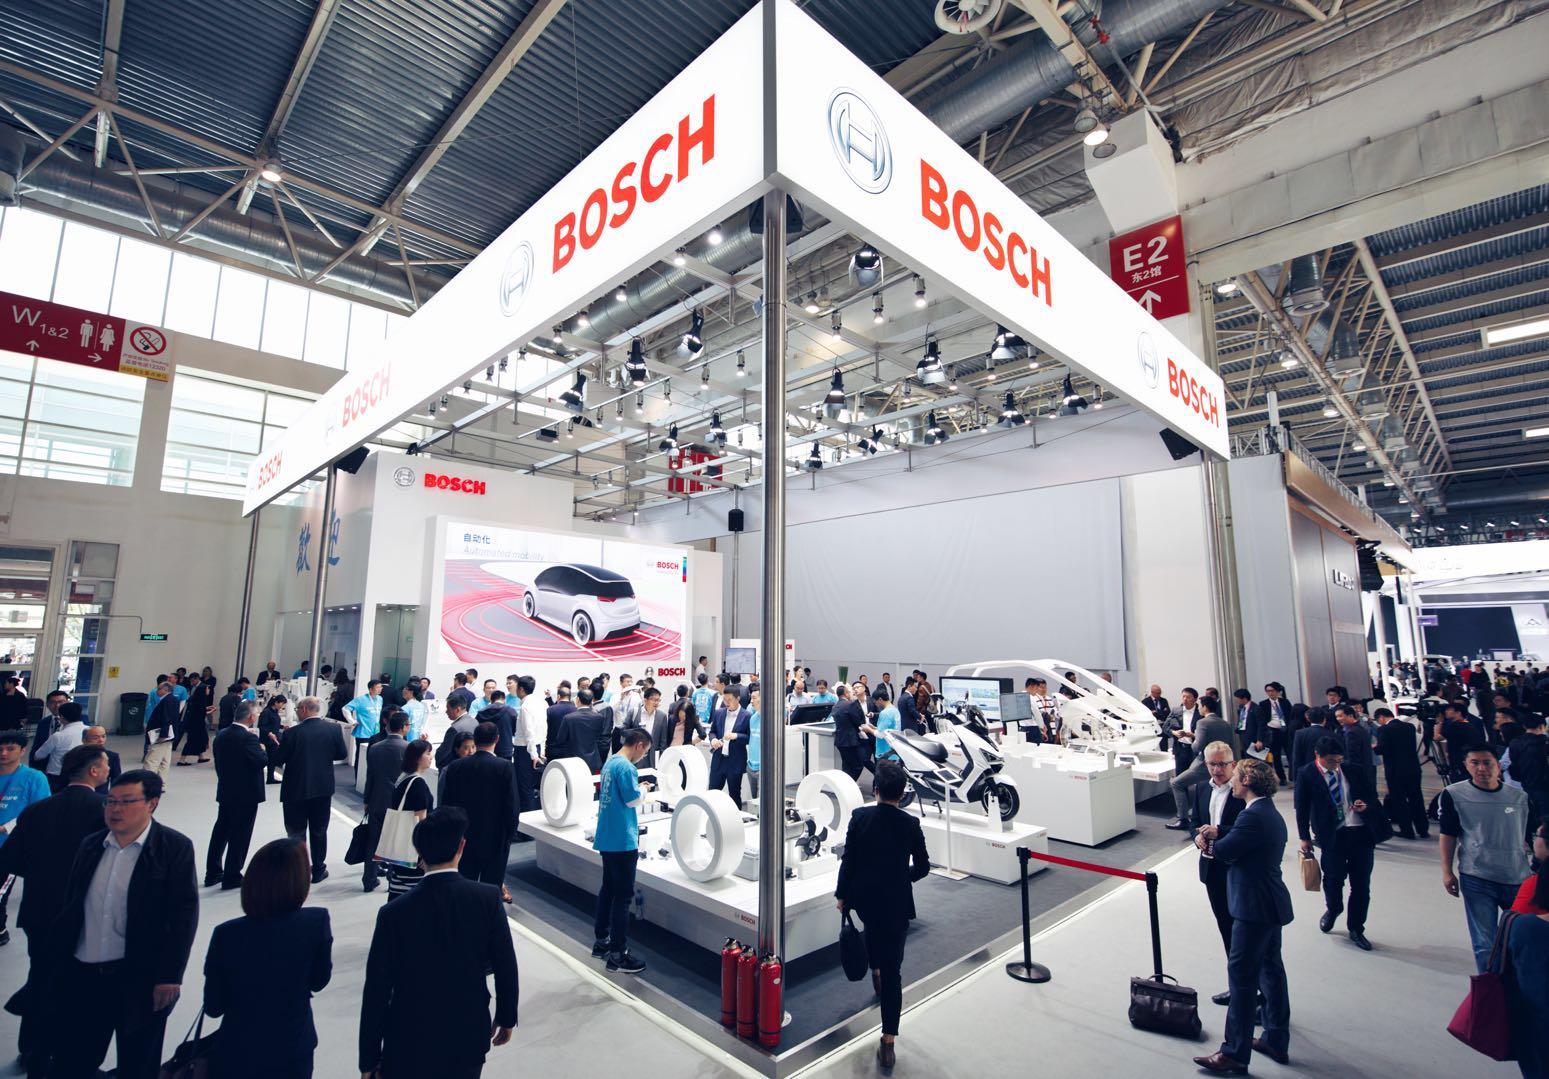 博世智能交通方案亮相北京车展,卡位自动驾驶多级要塞